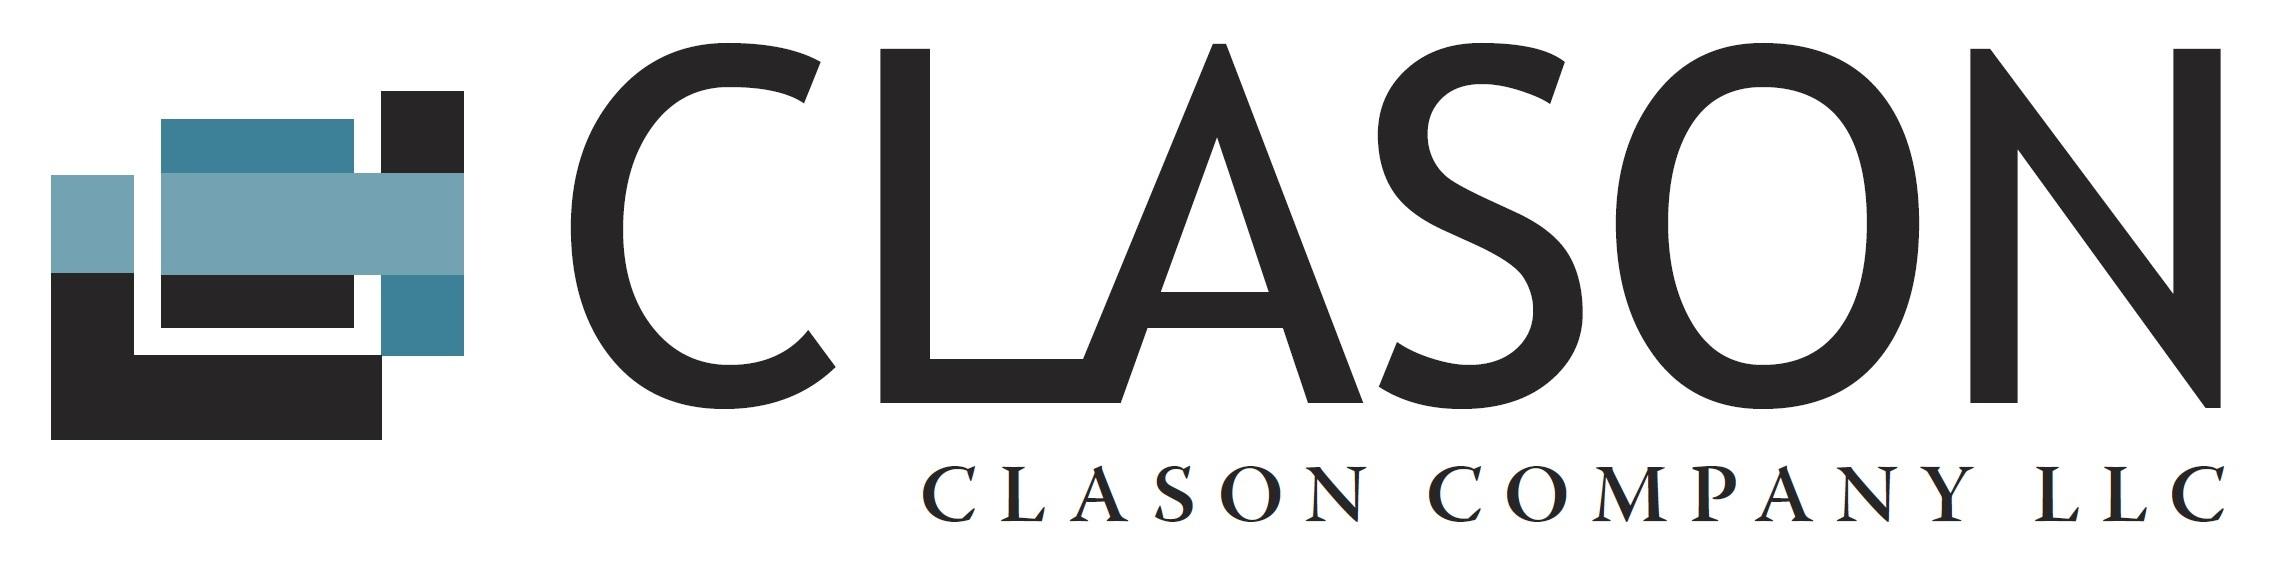 Clason Company | Home Builder & Developer in Southern Oregon